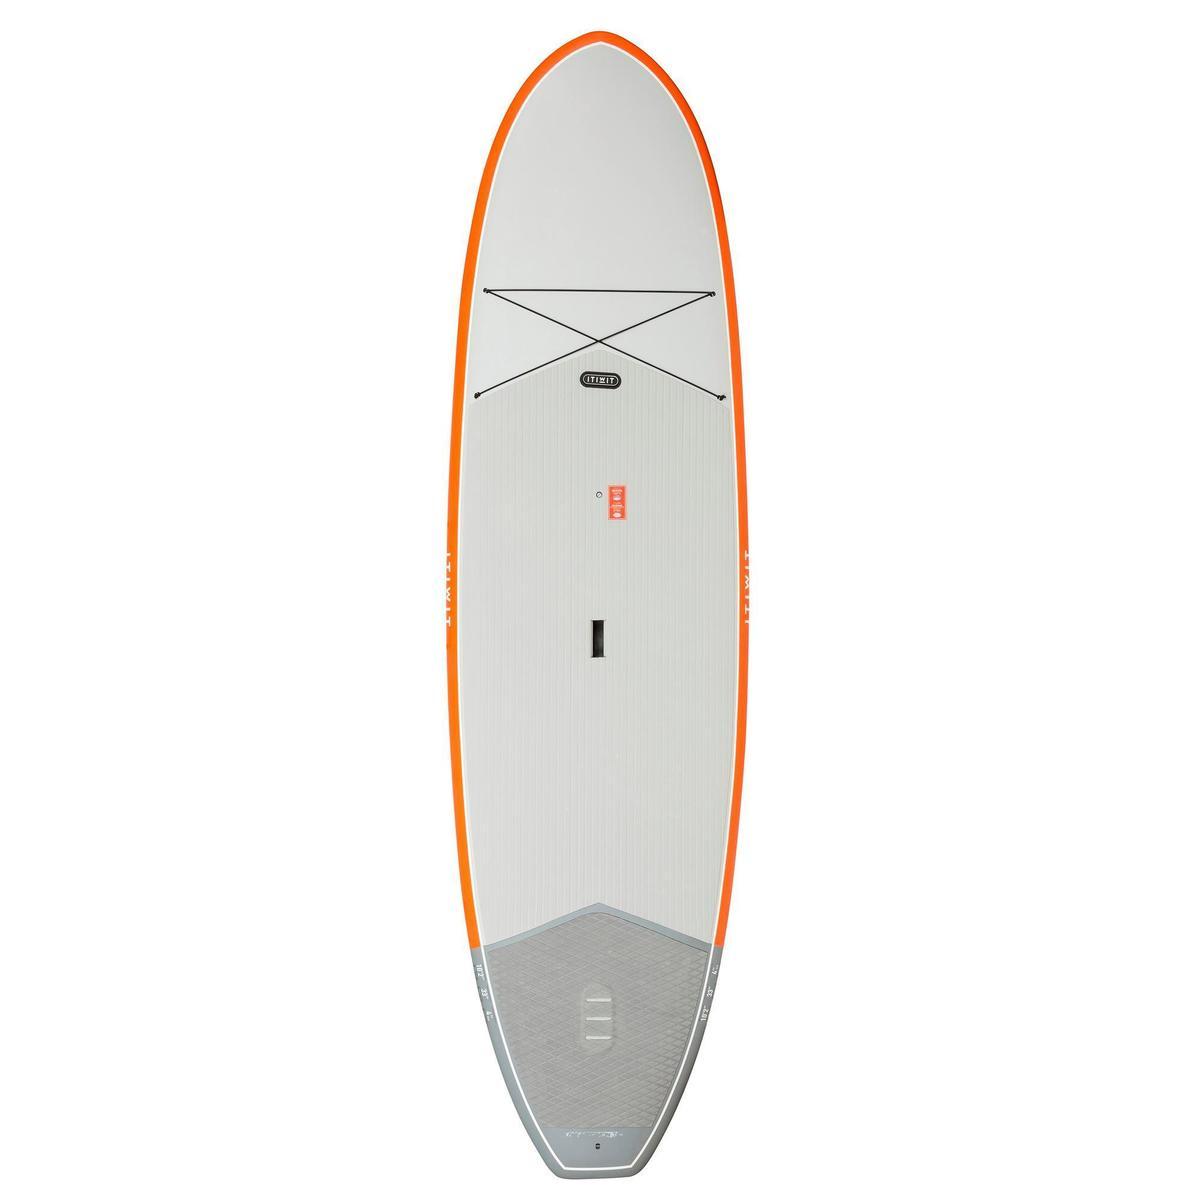 Bild 1 von SUP-Hardboard Stand Up Paddle Touring 500 / 10'2 orange 200L